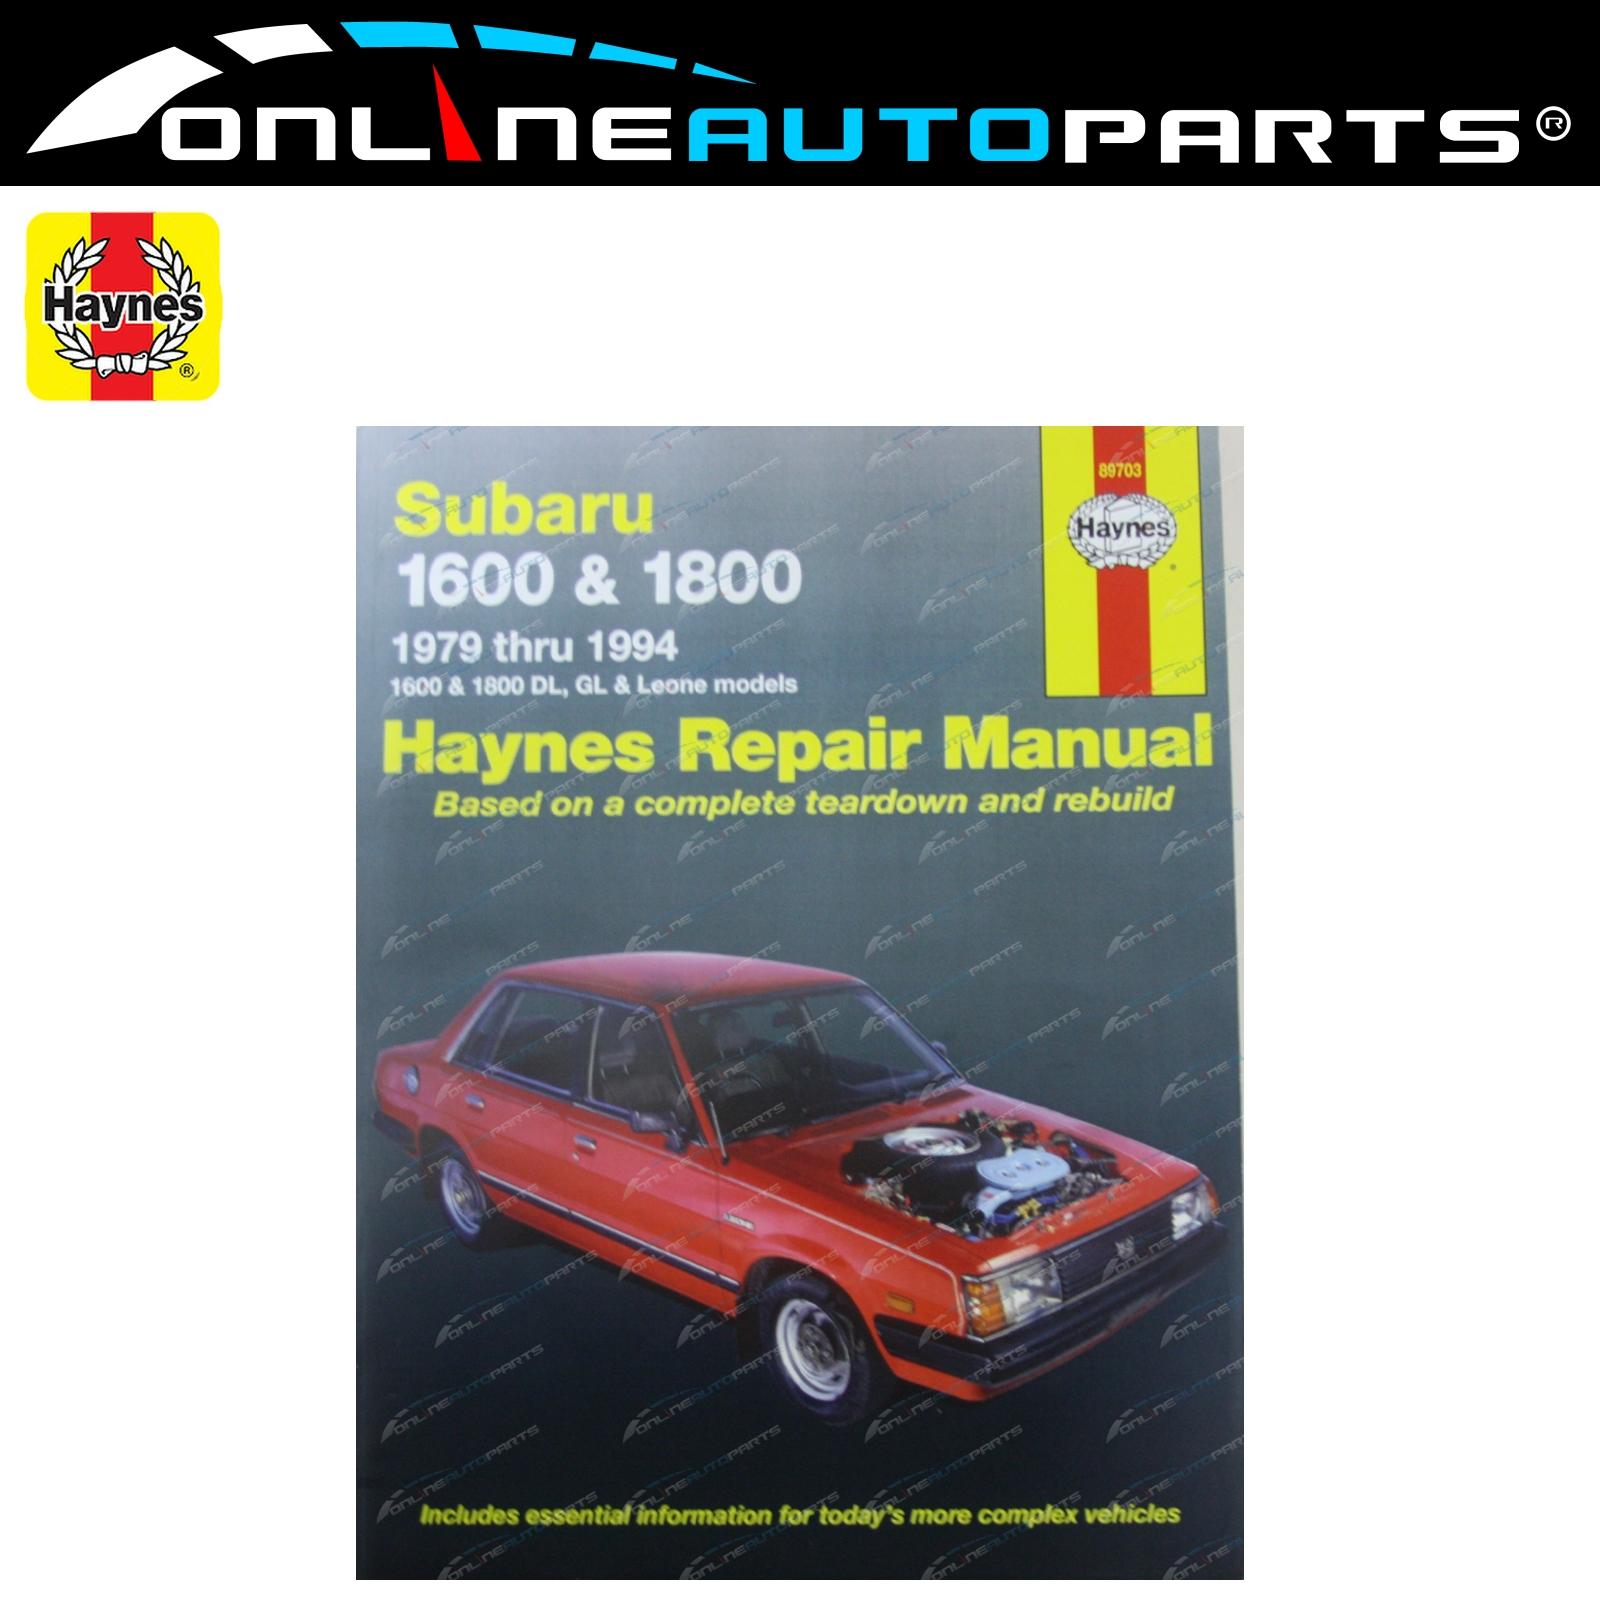 haynes car repair manual book for subaru 79 94 1600 1800 dl gl rh ebay com  au Manual Subaru Sedan Manual Subaru Sedan